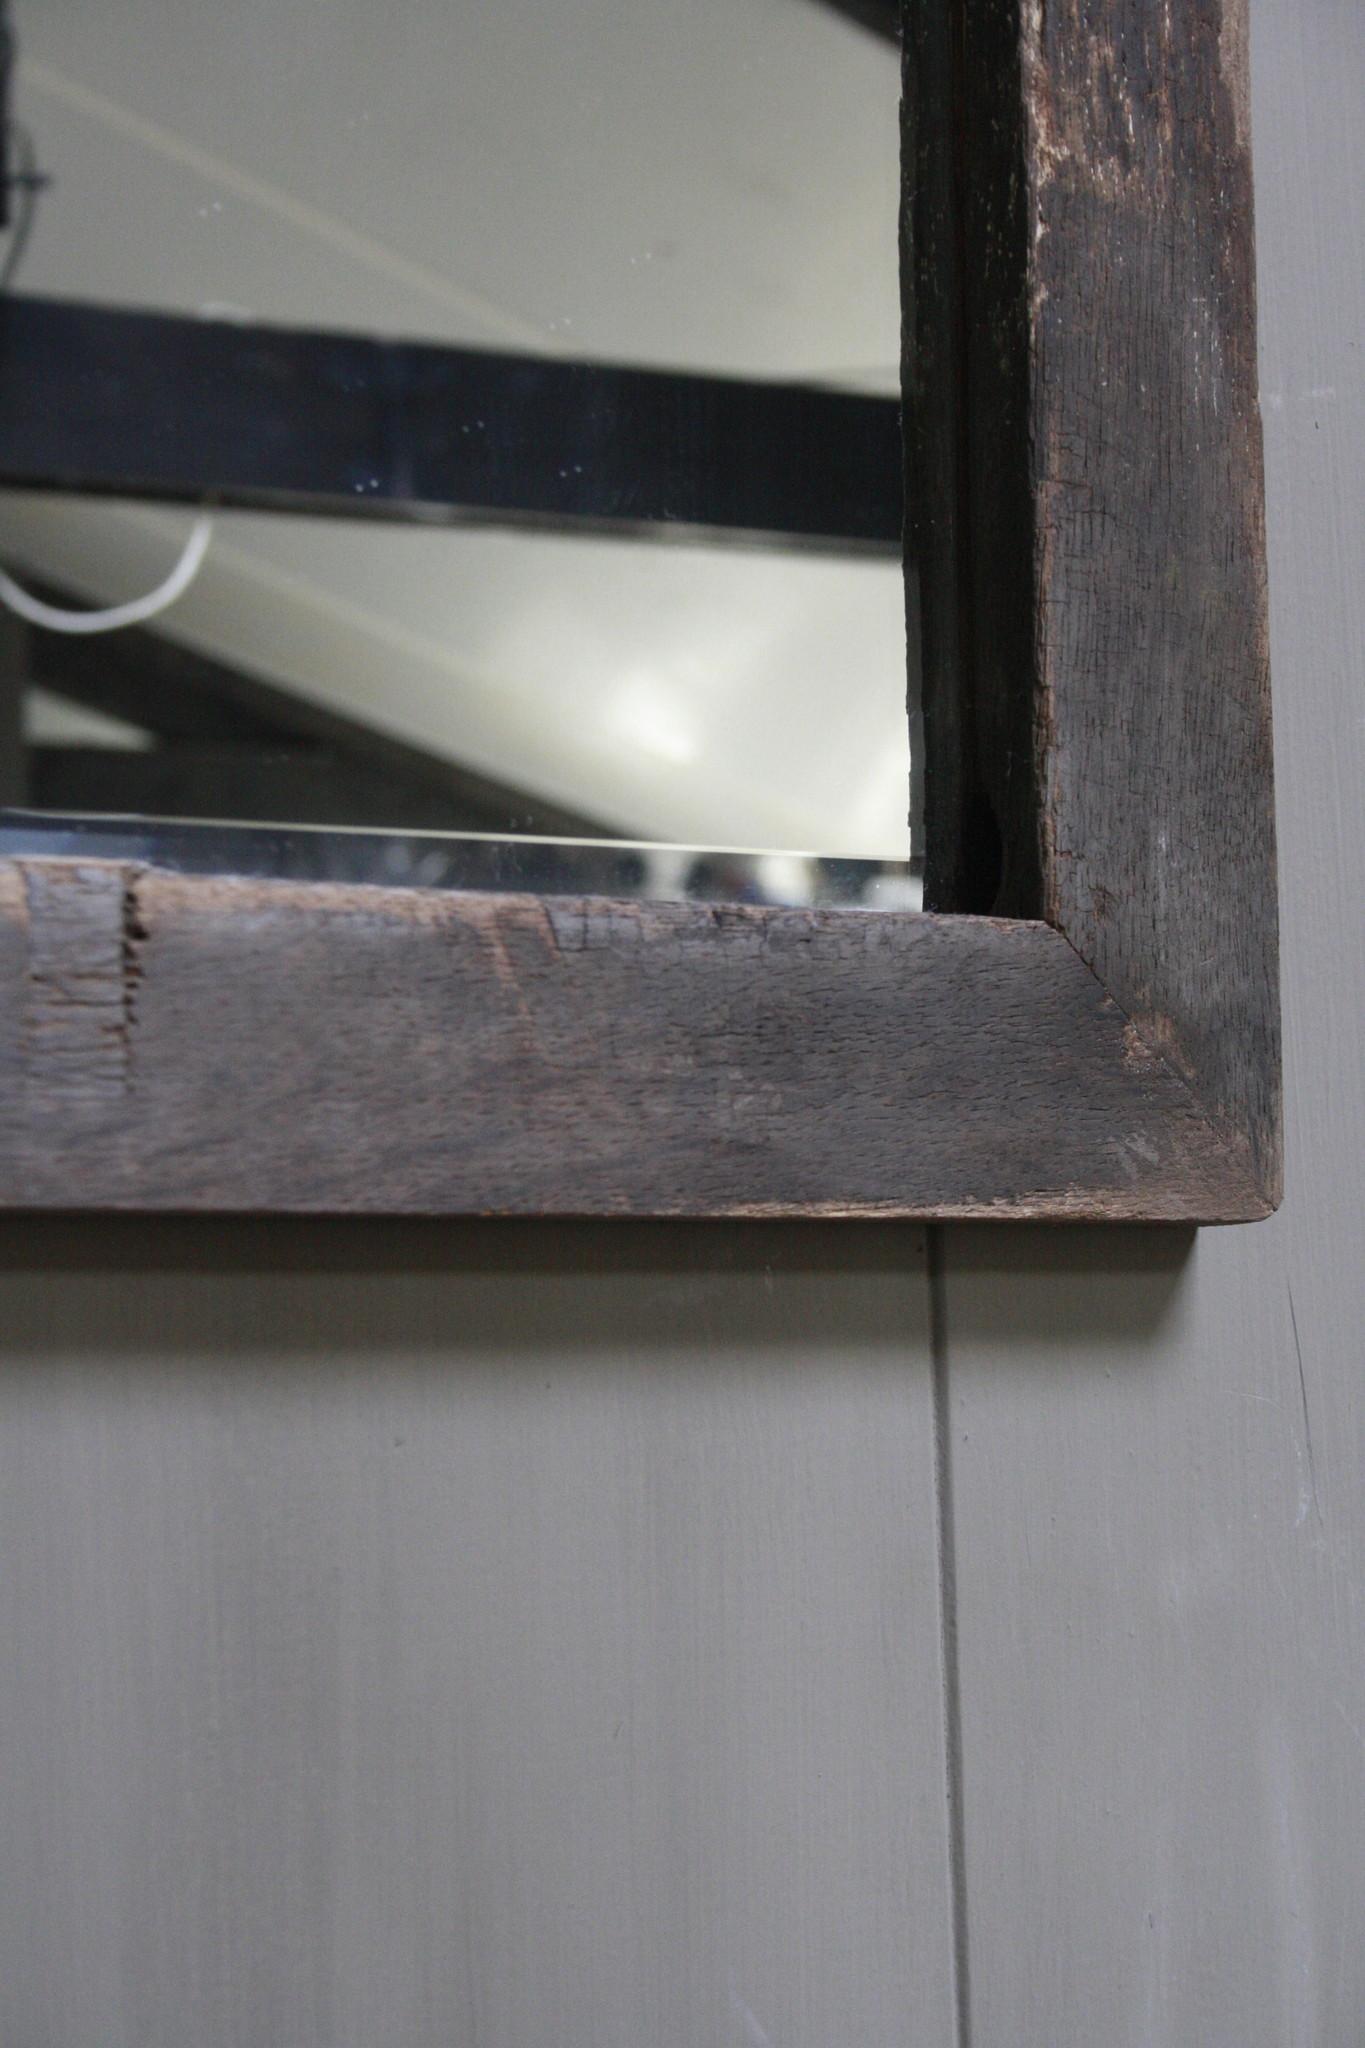 Eikenhouten toiletspiegel Dark 53 x 38 cm-3